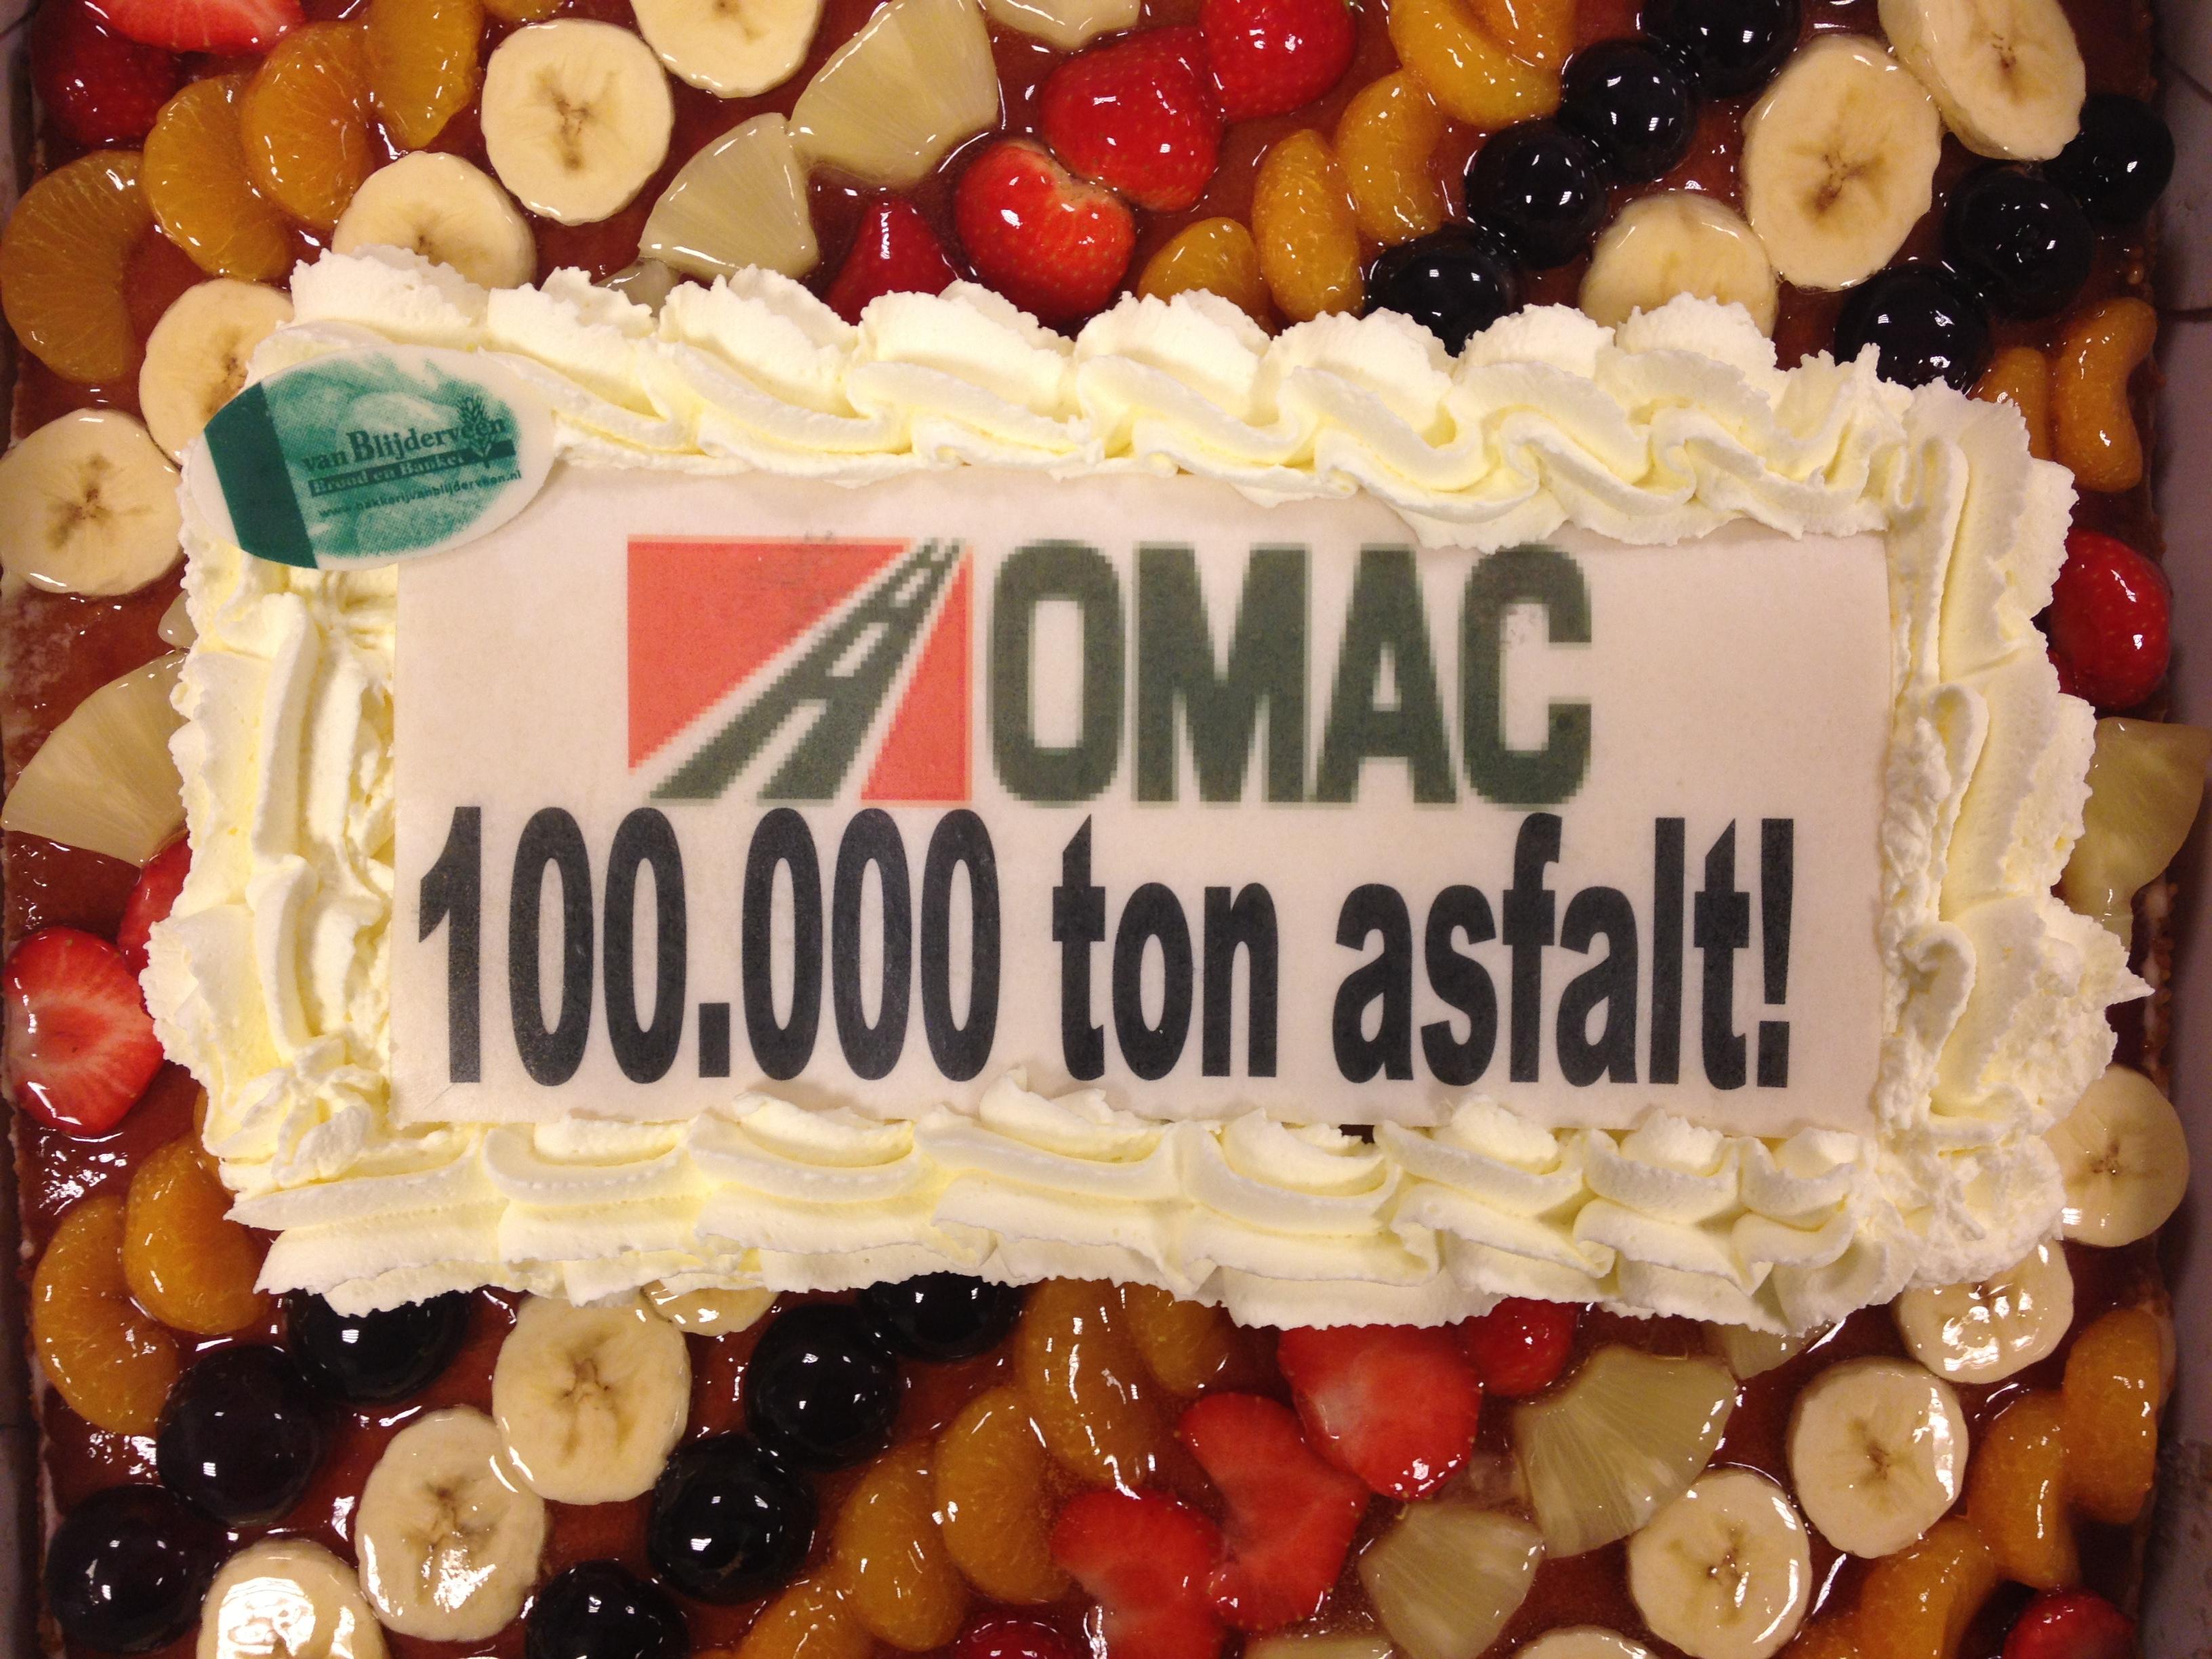 100.000 ton asfalt gedraaid